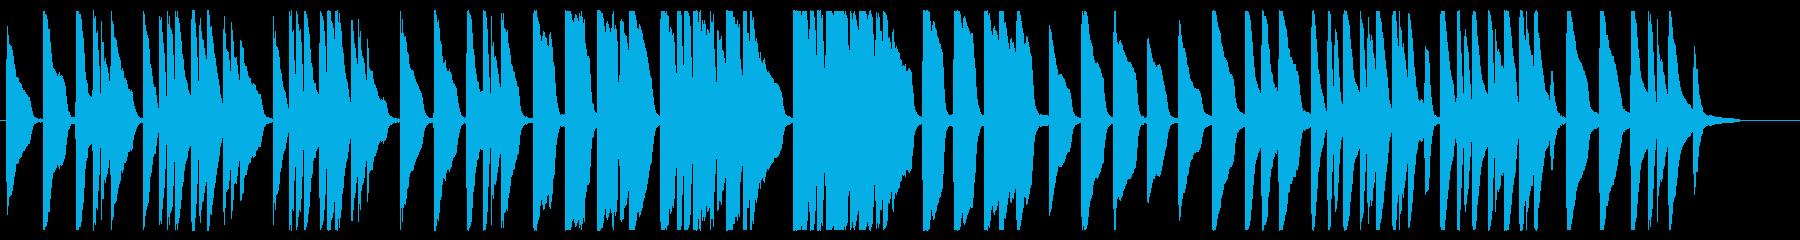 ほたるこい ピアノver.の再生済みの波形